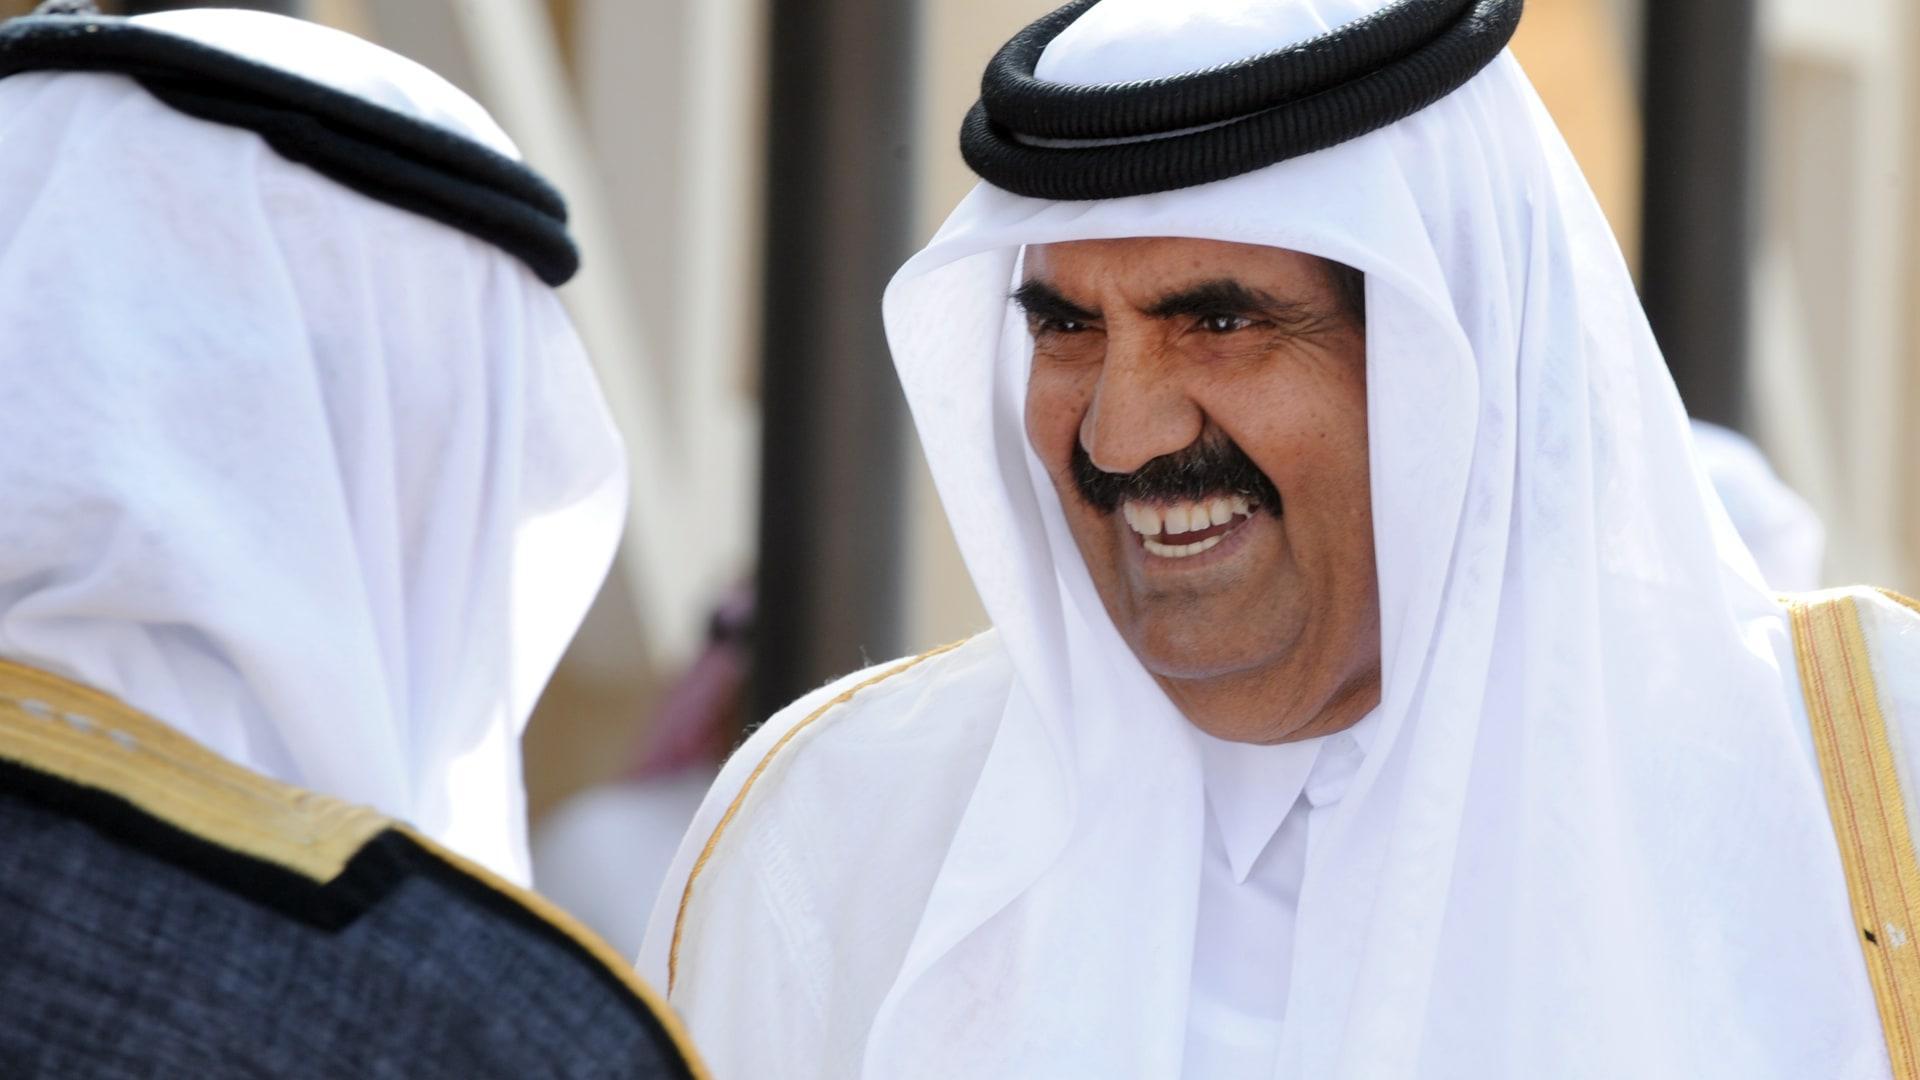 صورة ارشيفية للشيخ حمد بن خليفة العام 2012